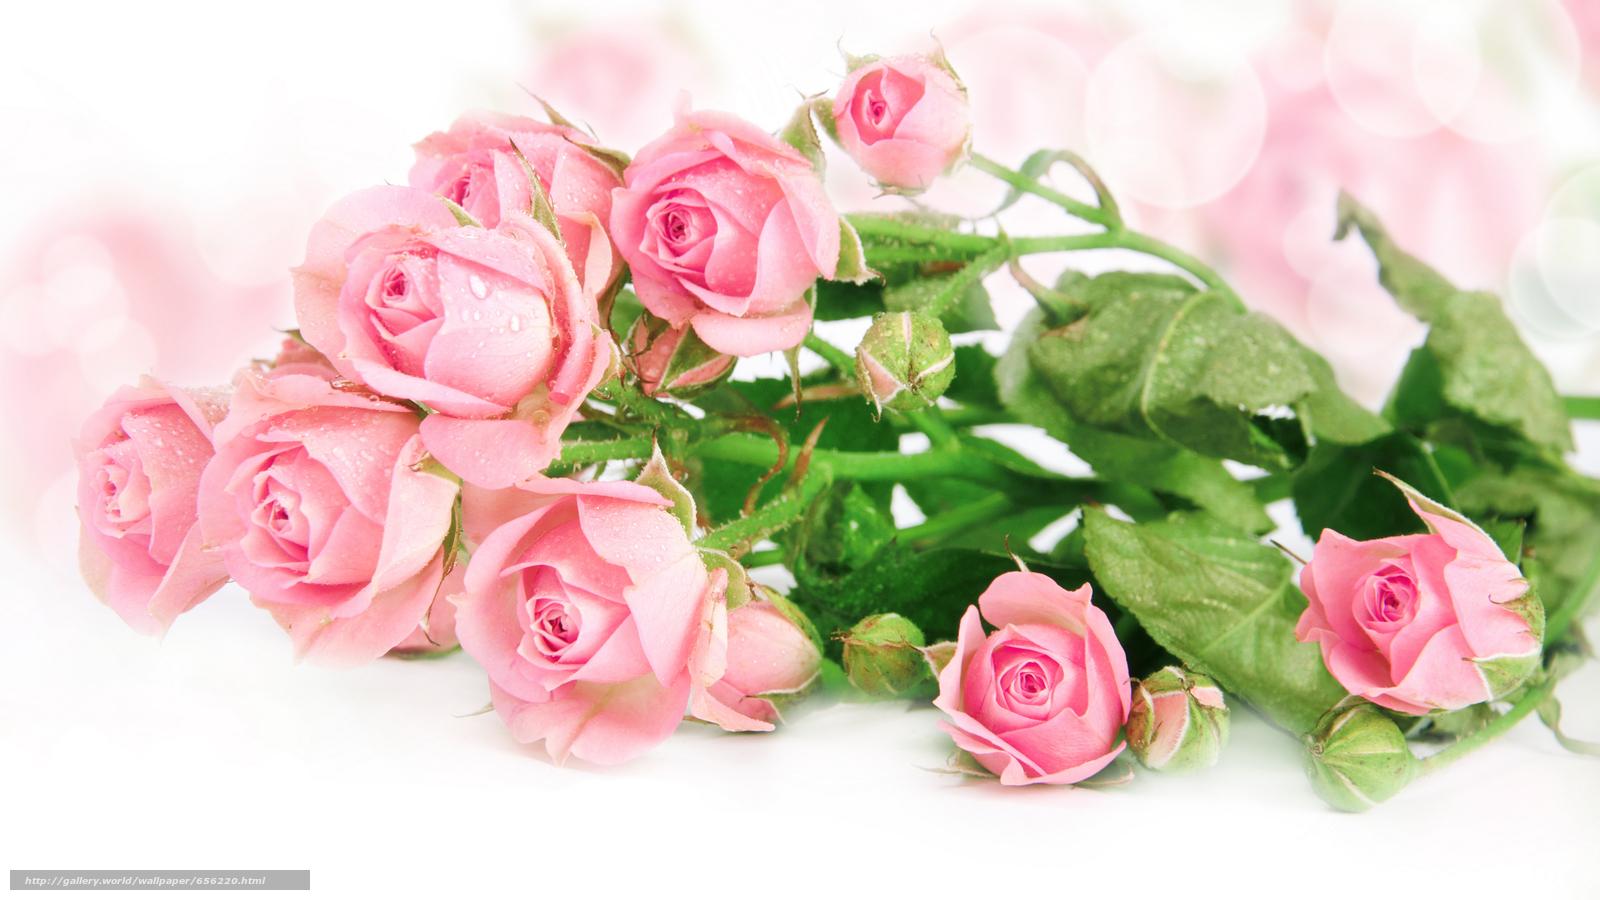 Скачать обои обои от Kisenok,  розы,  розовые,  цветы бесплатно для рабочего стола в разрешении 7002x3939 — картинка №656220